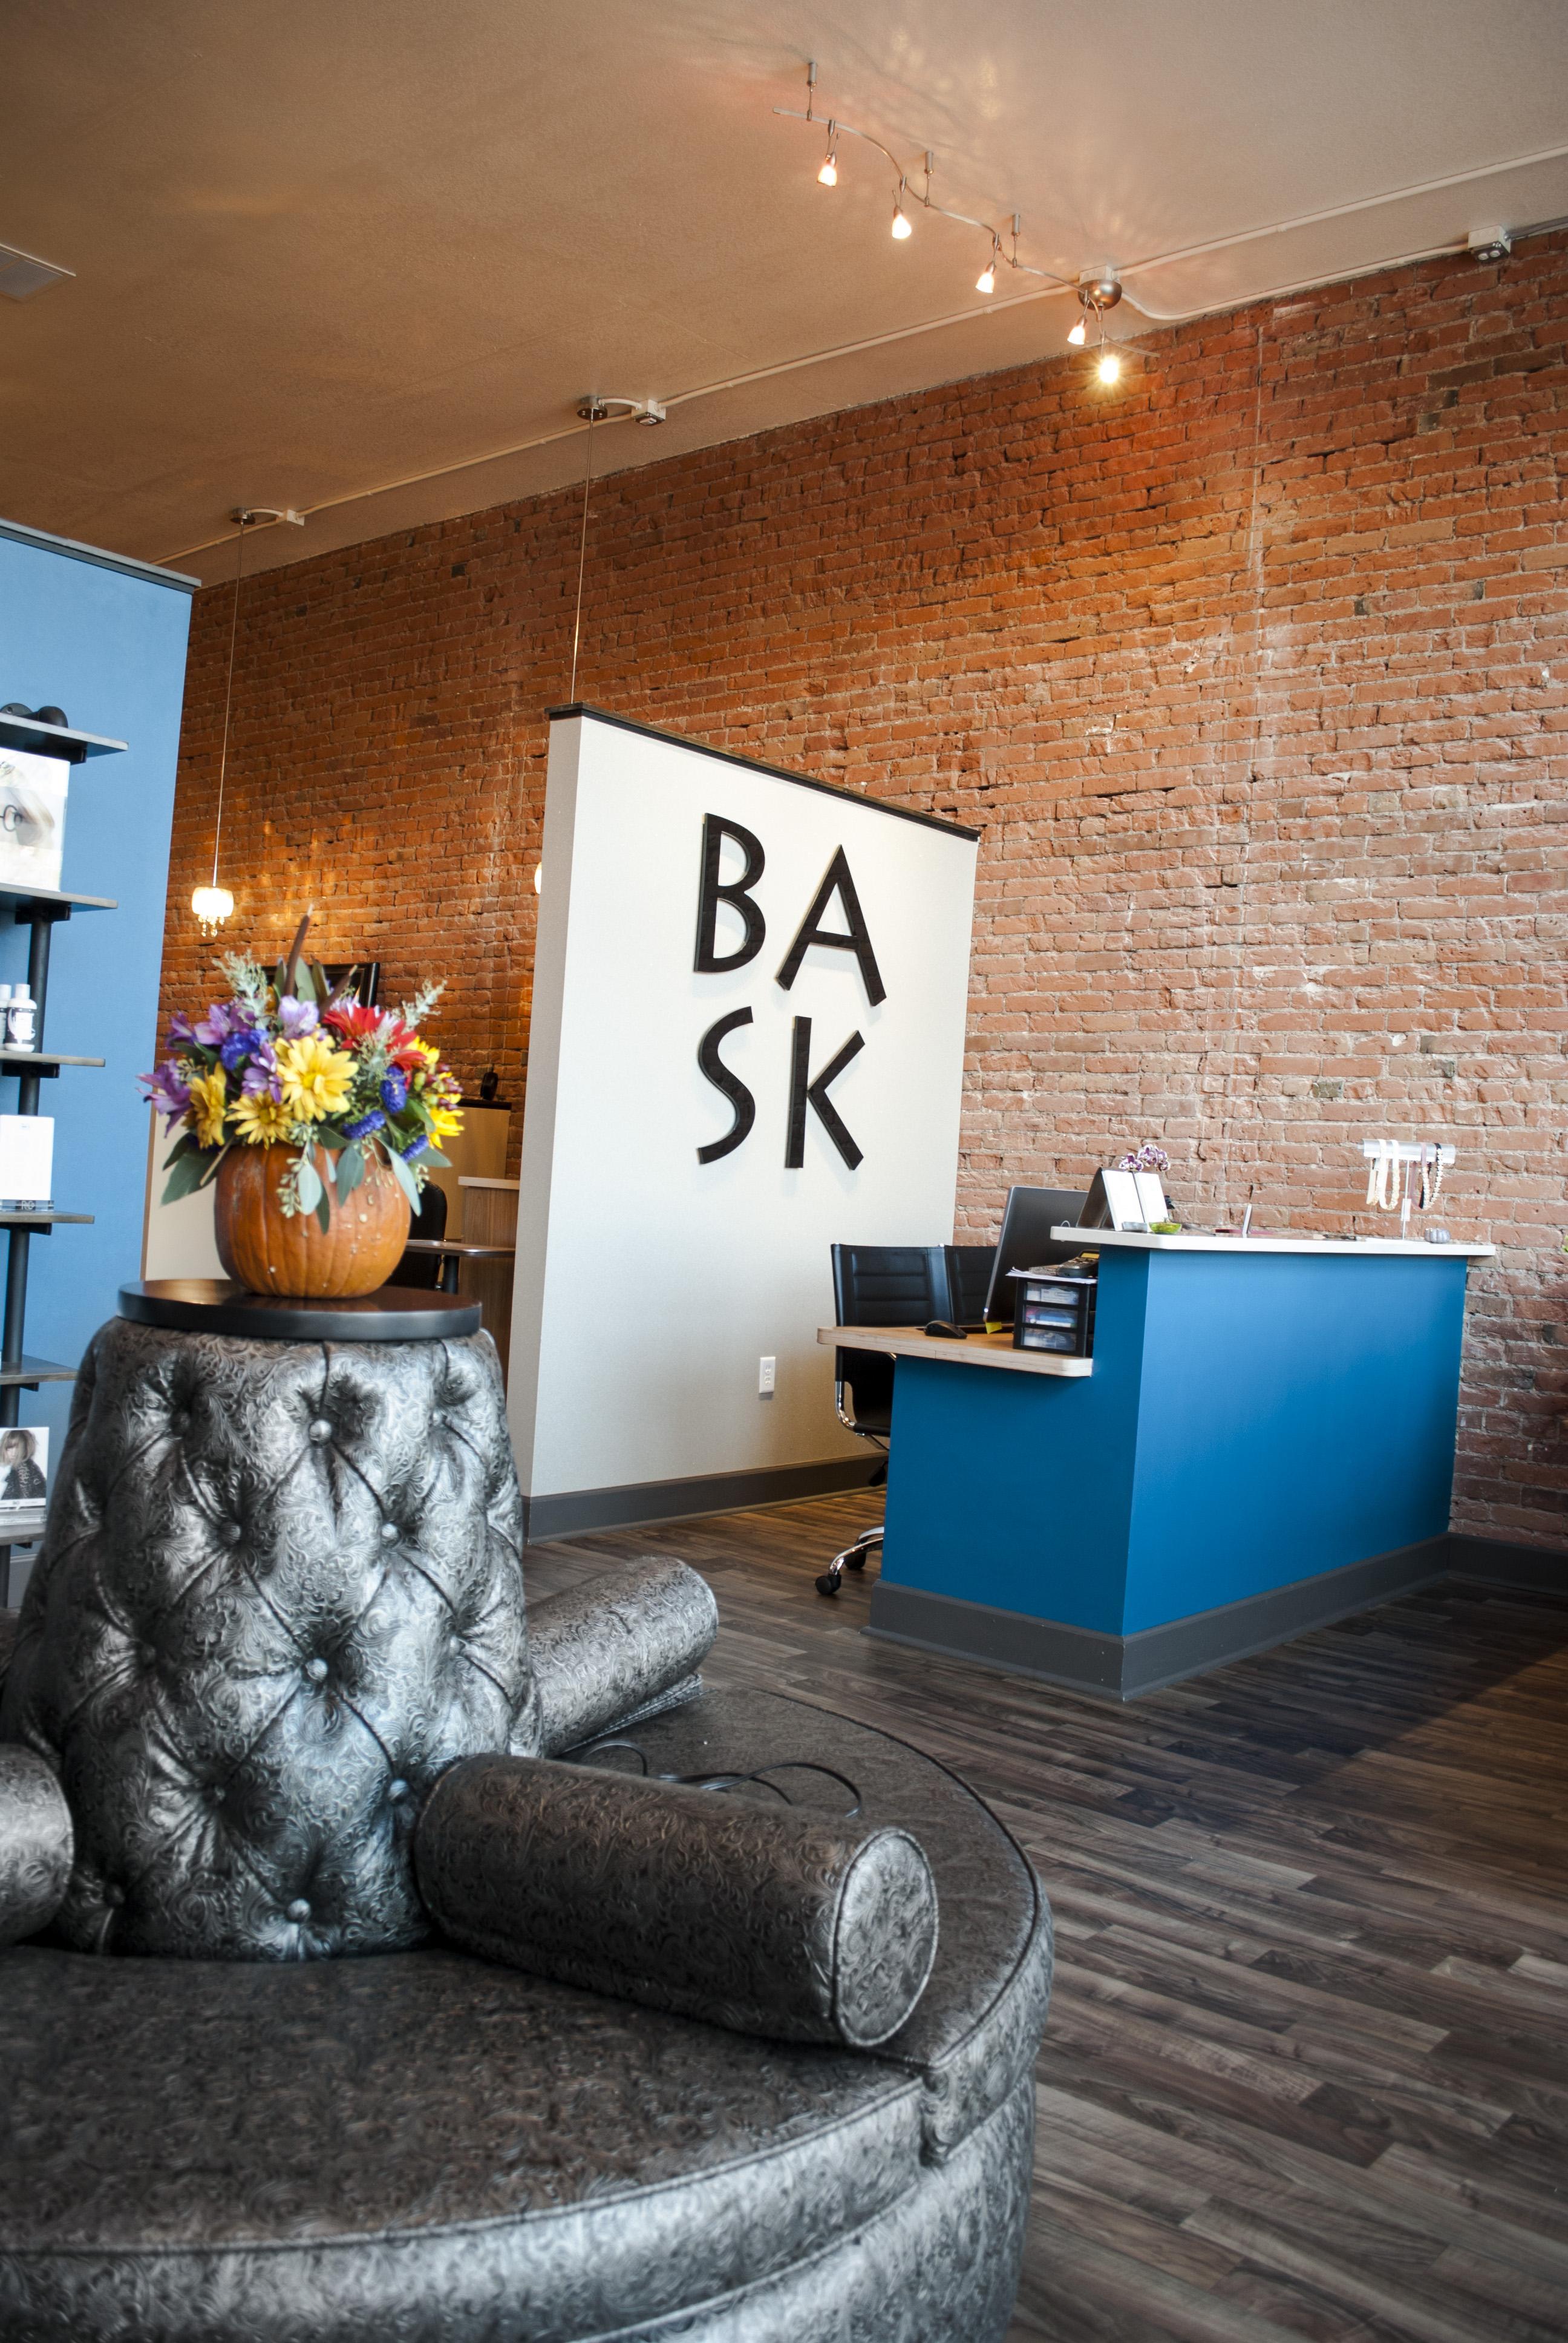 bask7